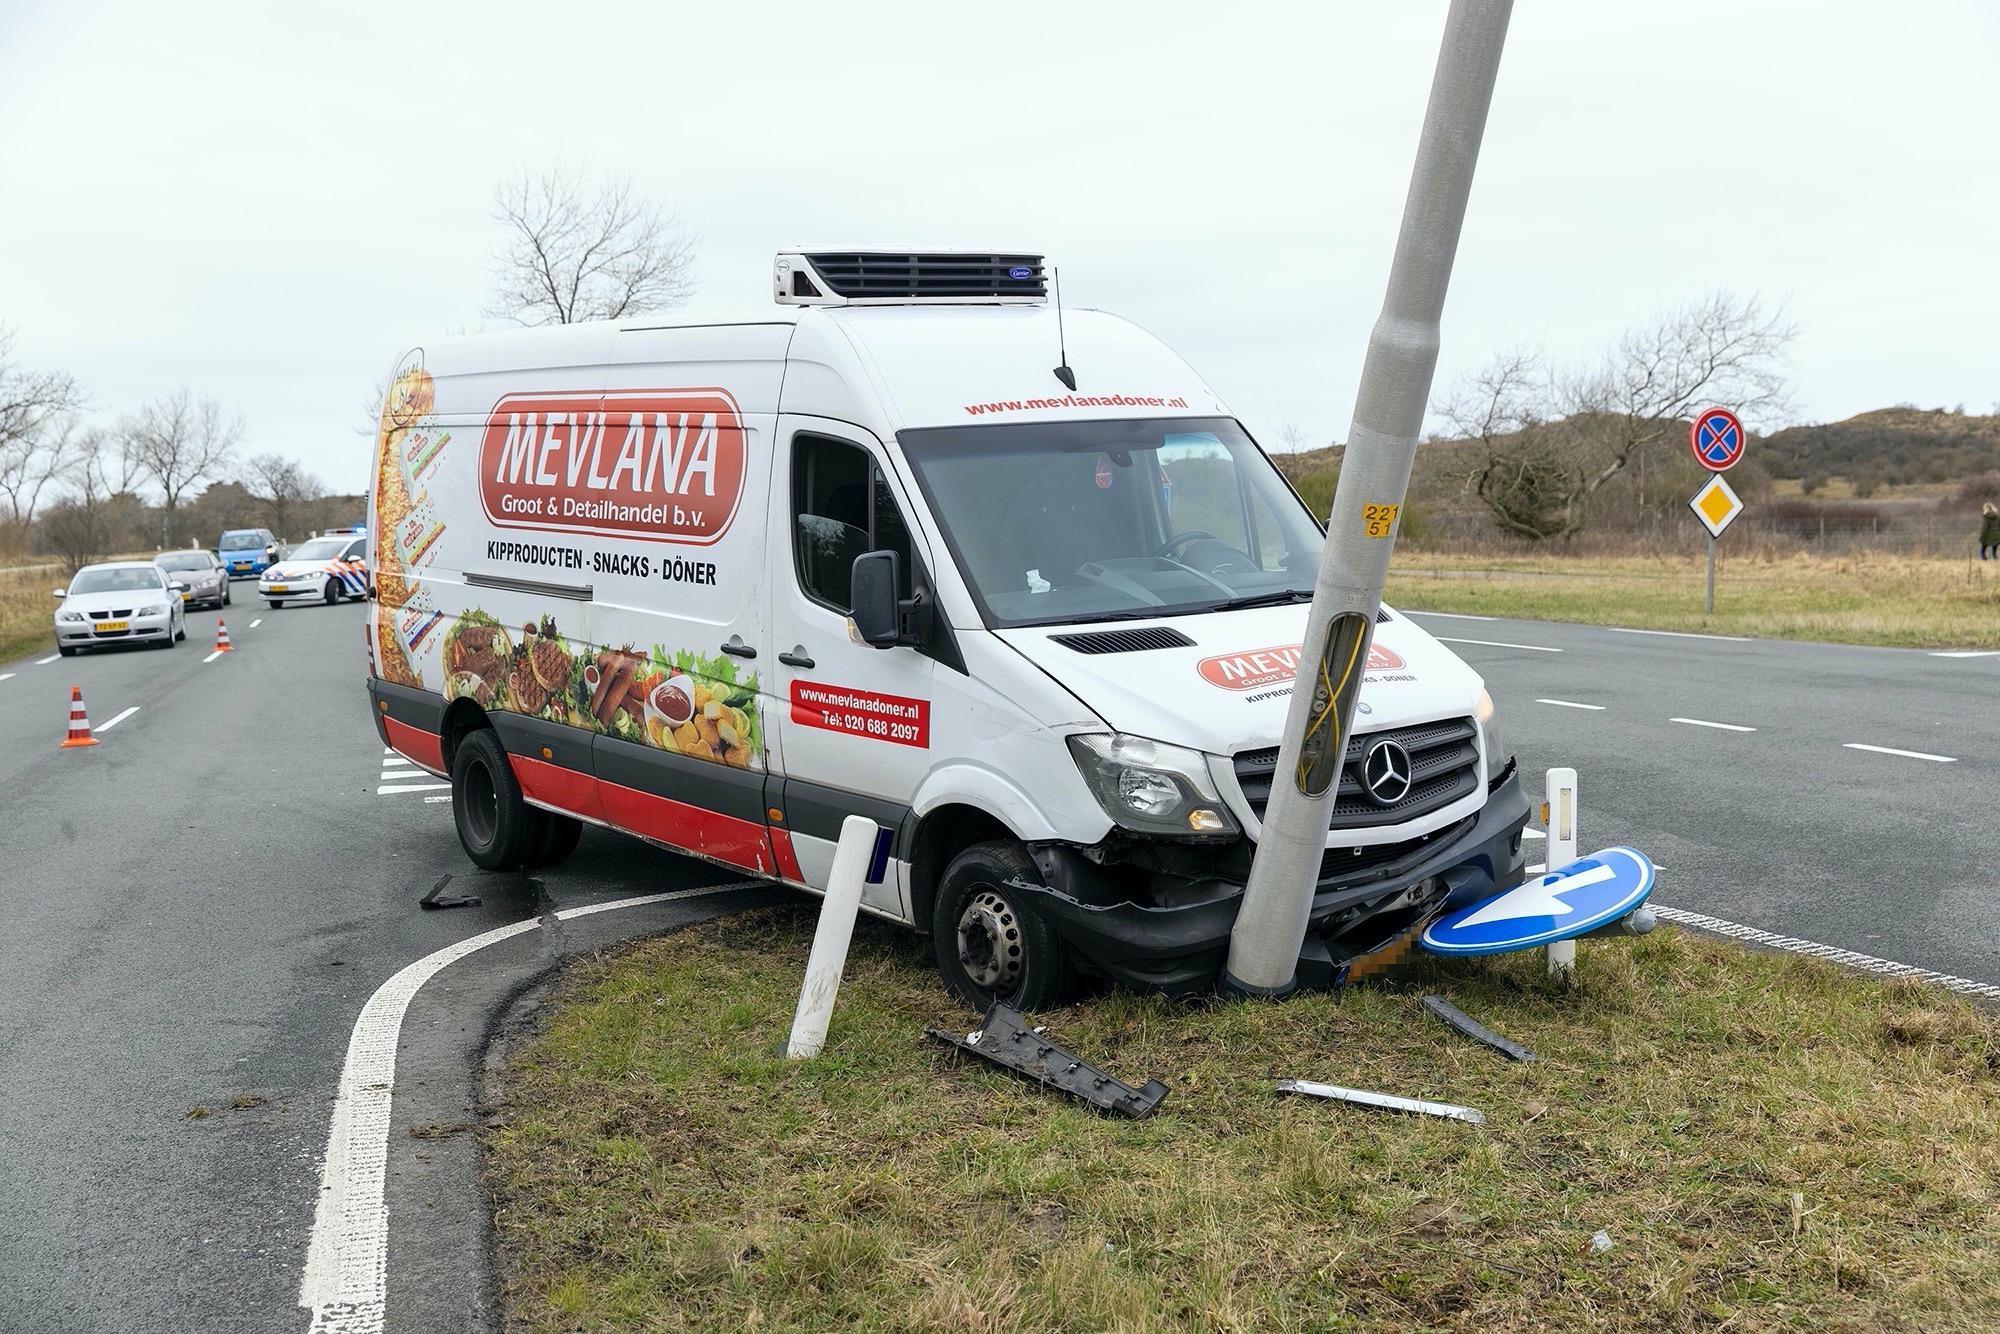 Flinke schade en scheve lantaarnpaal bij ongeluk in Overveen